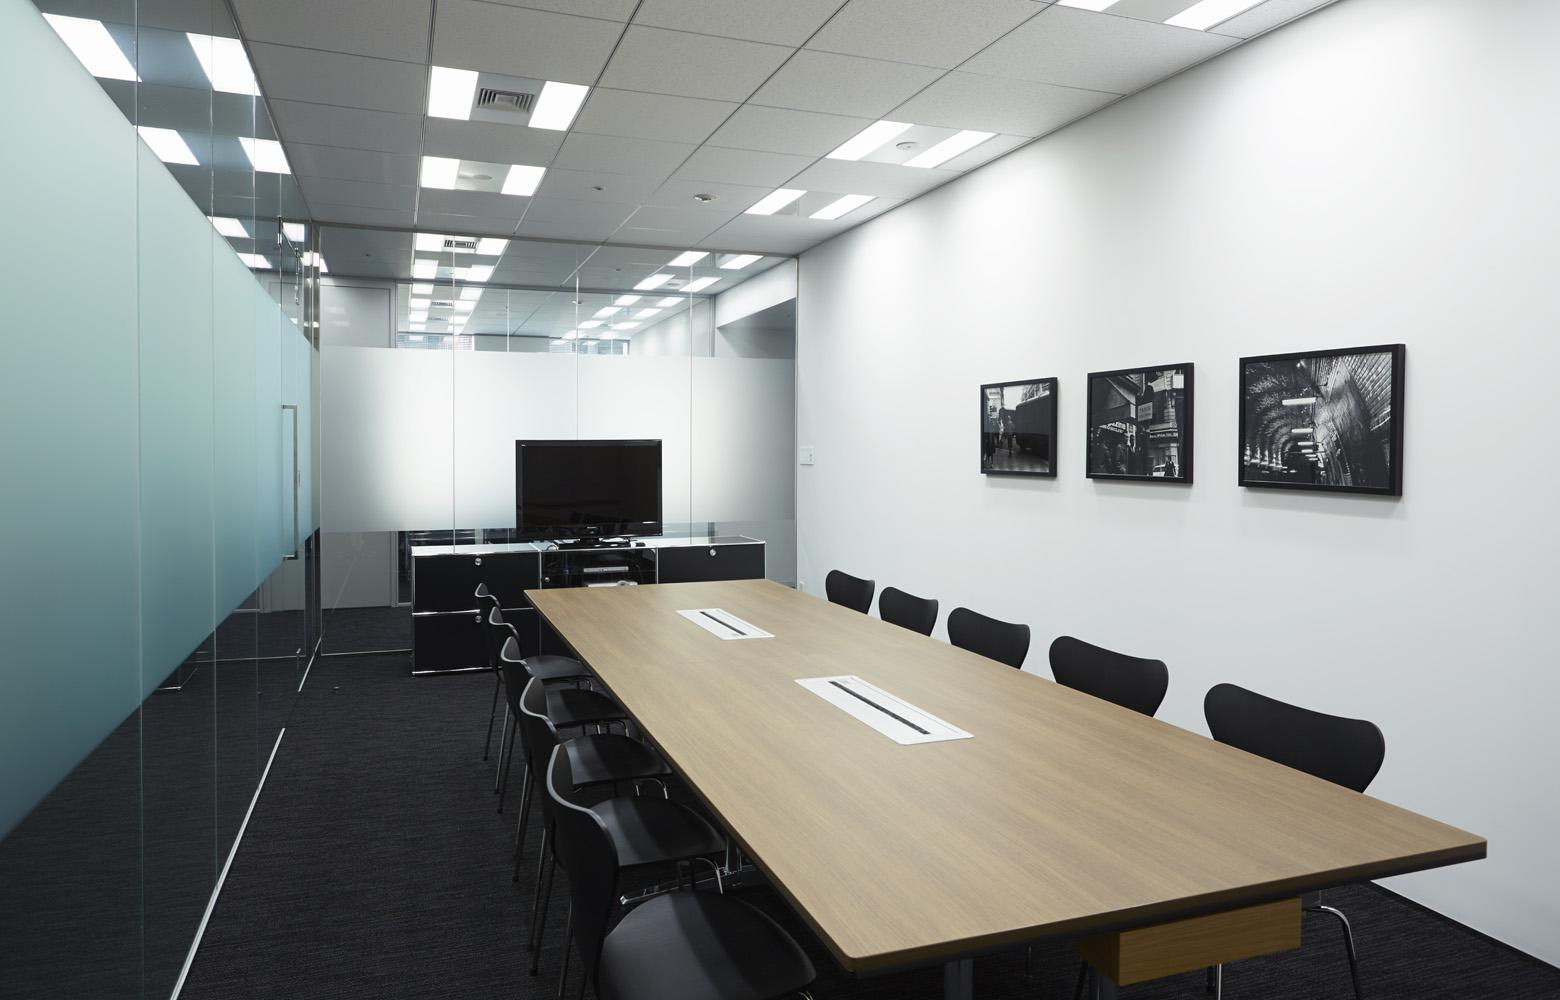 株式会社メディカル・ステージ Meeting Room デザイン・レイアウト事例